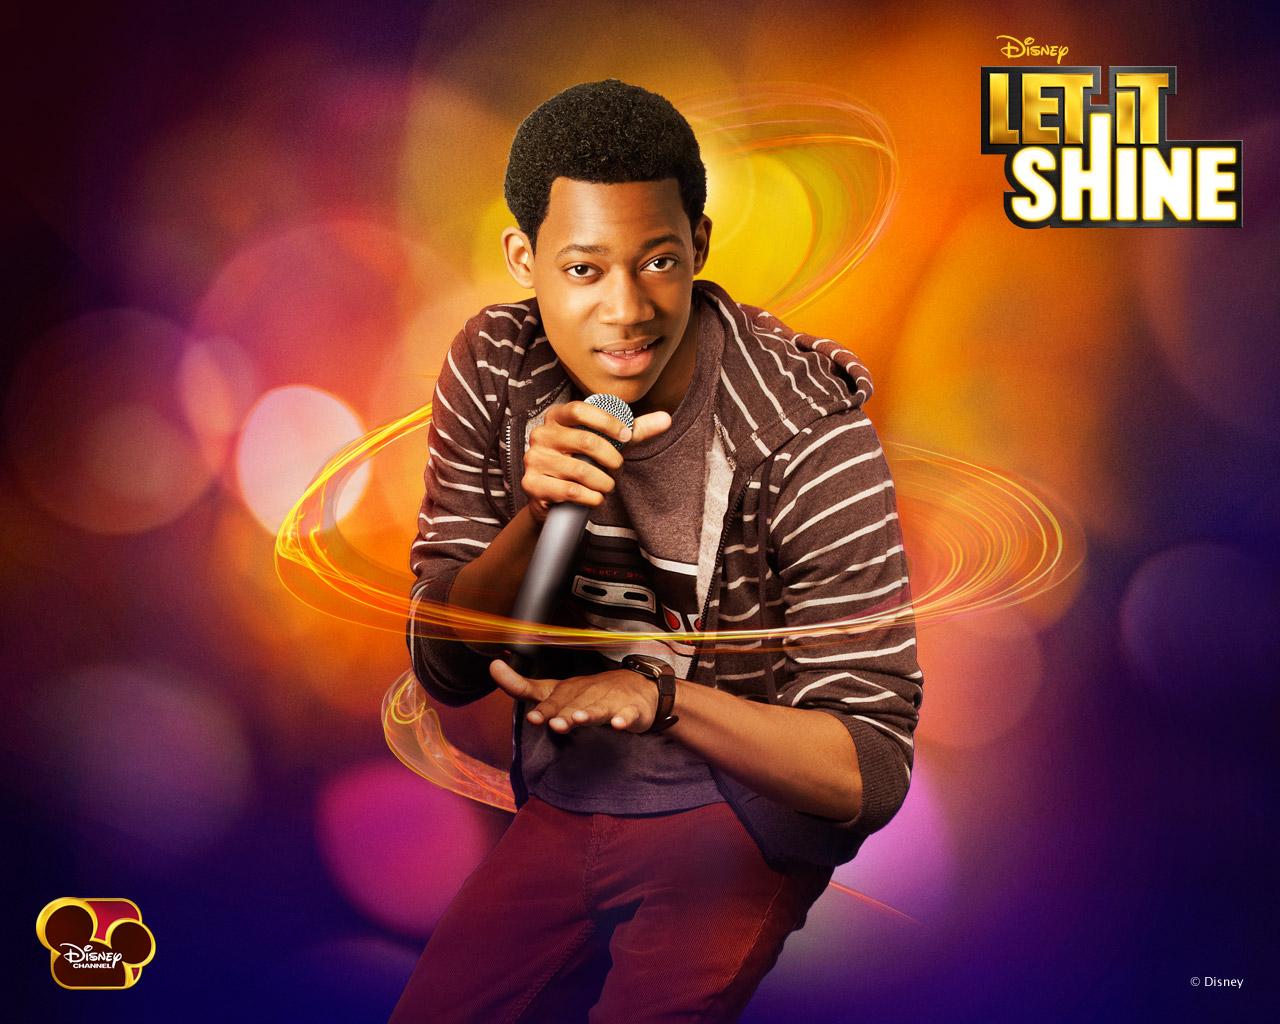 Arthurshow Channel Let It Shine Filme Disney Wallpapers Picture